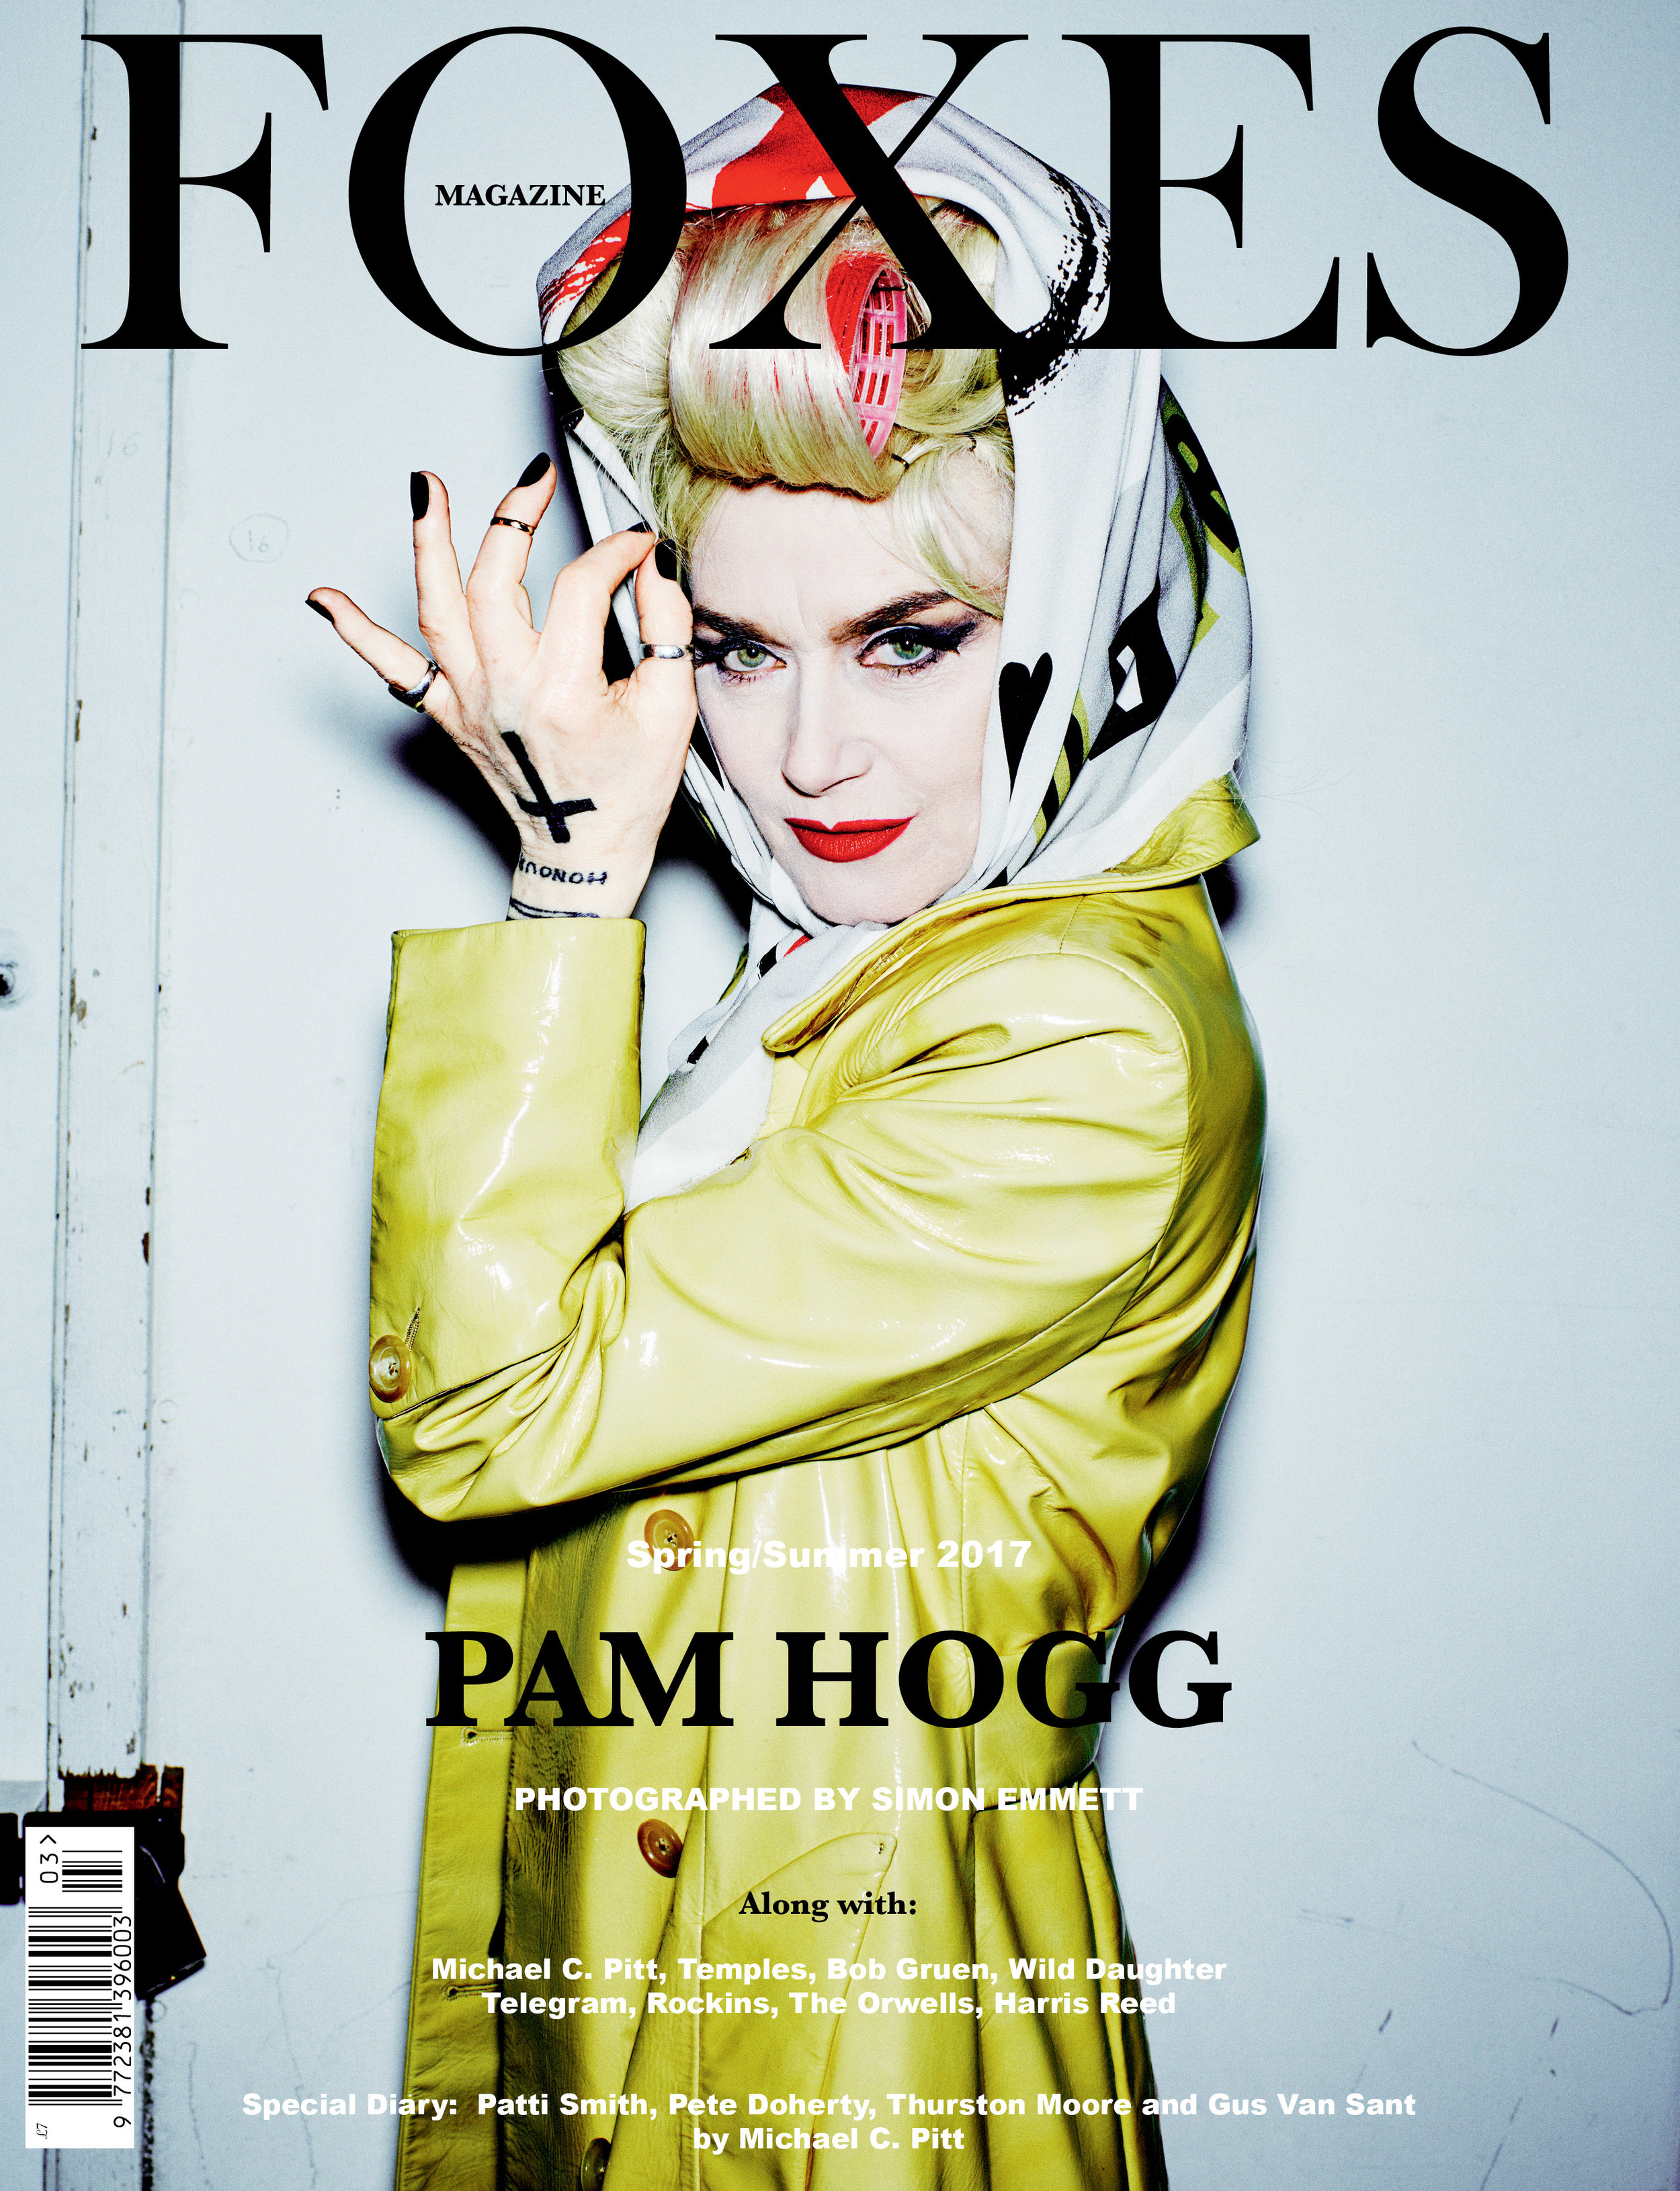 FOXES_301_PAM_HOGG.jpg